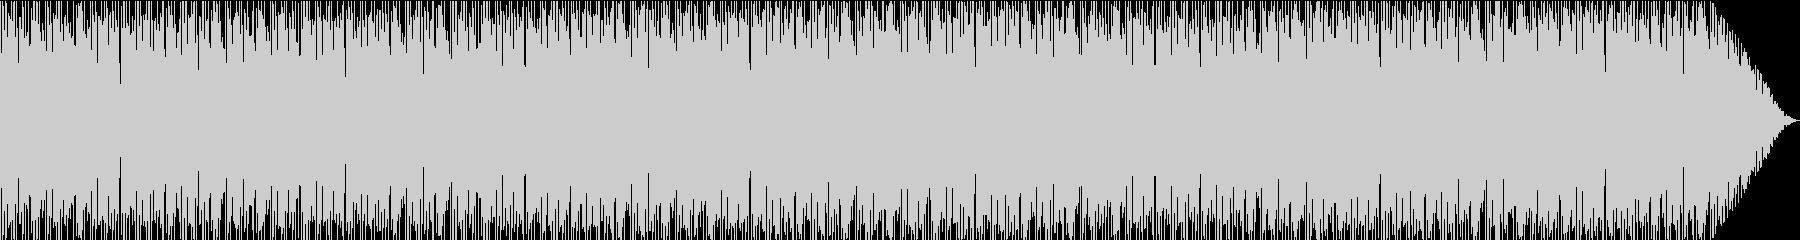 ピアノ シンセ オシャレ lofiの未再生の波形